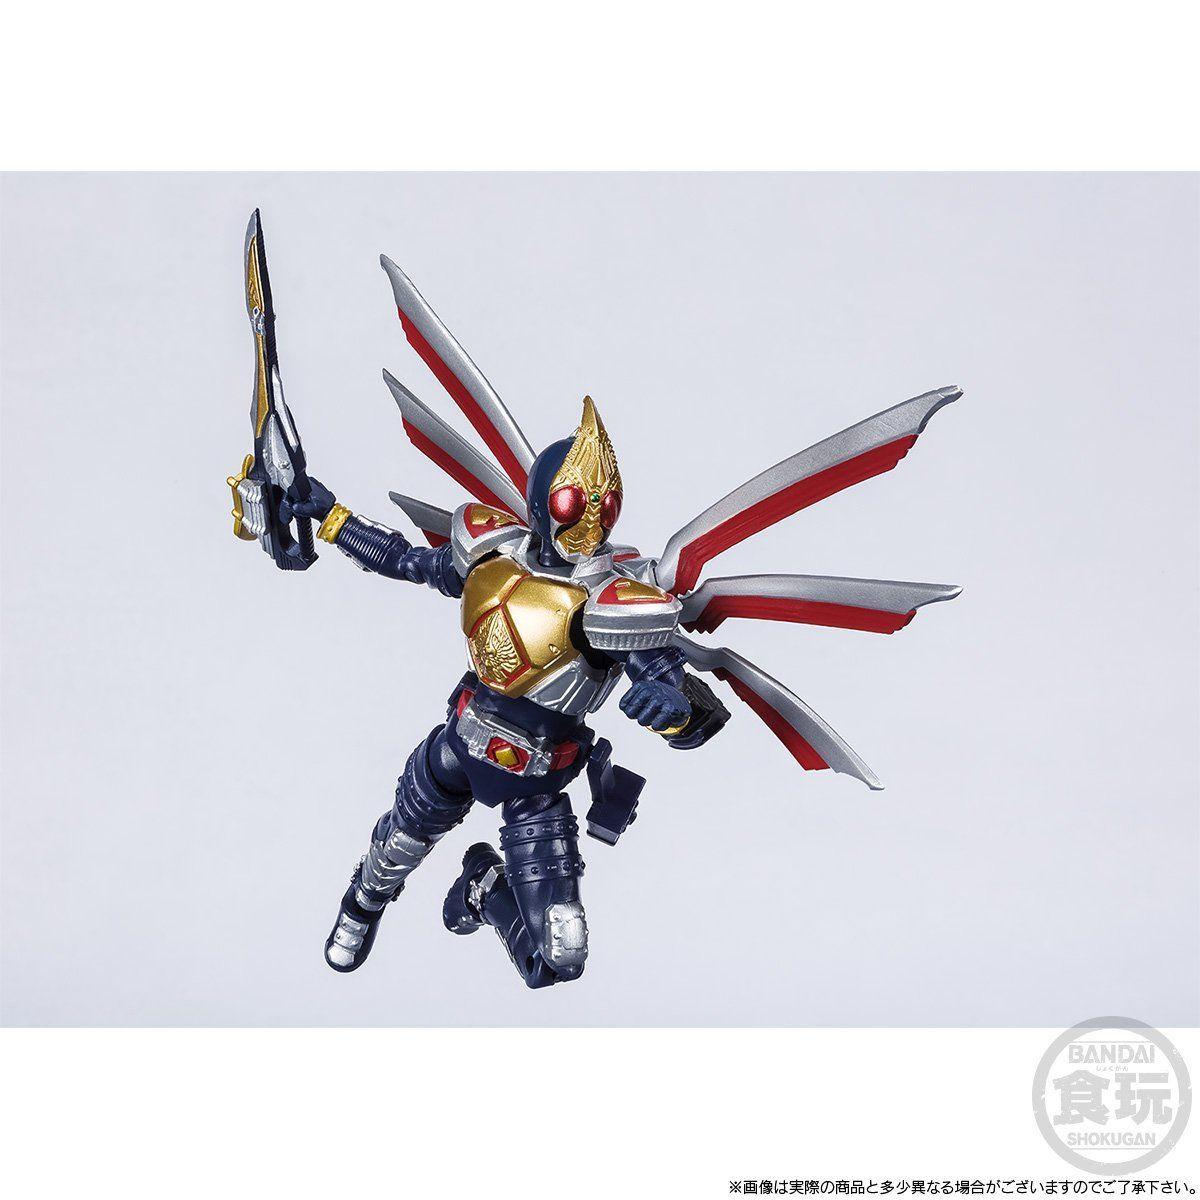 【限定販売】【食玩】SHODO-X『仮面ライダー剣 ジャックフォームセット』可動フィギュア-004